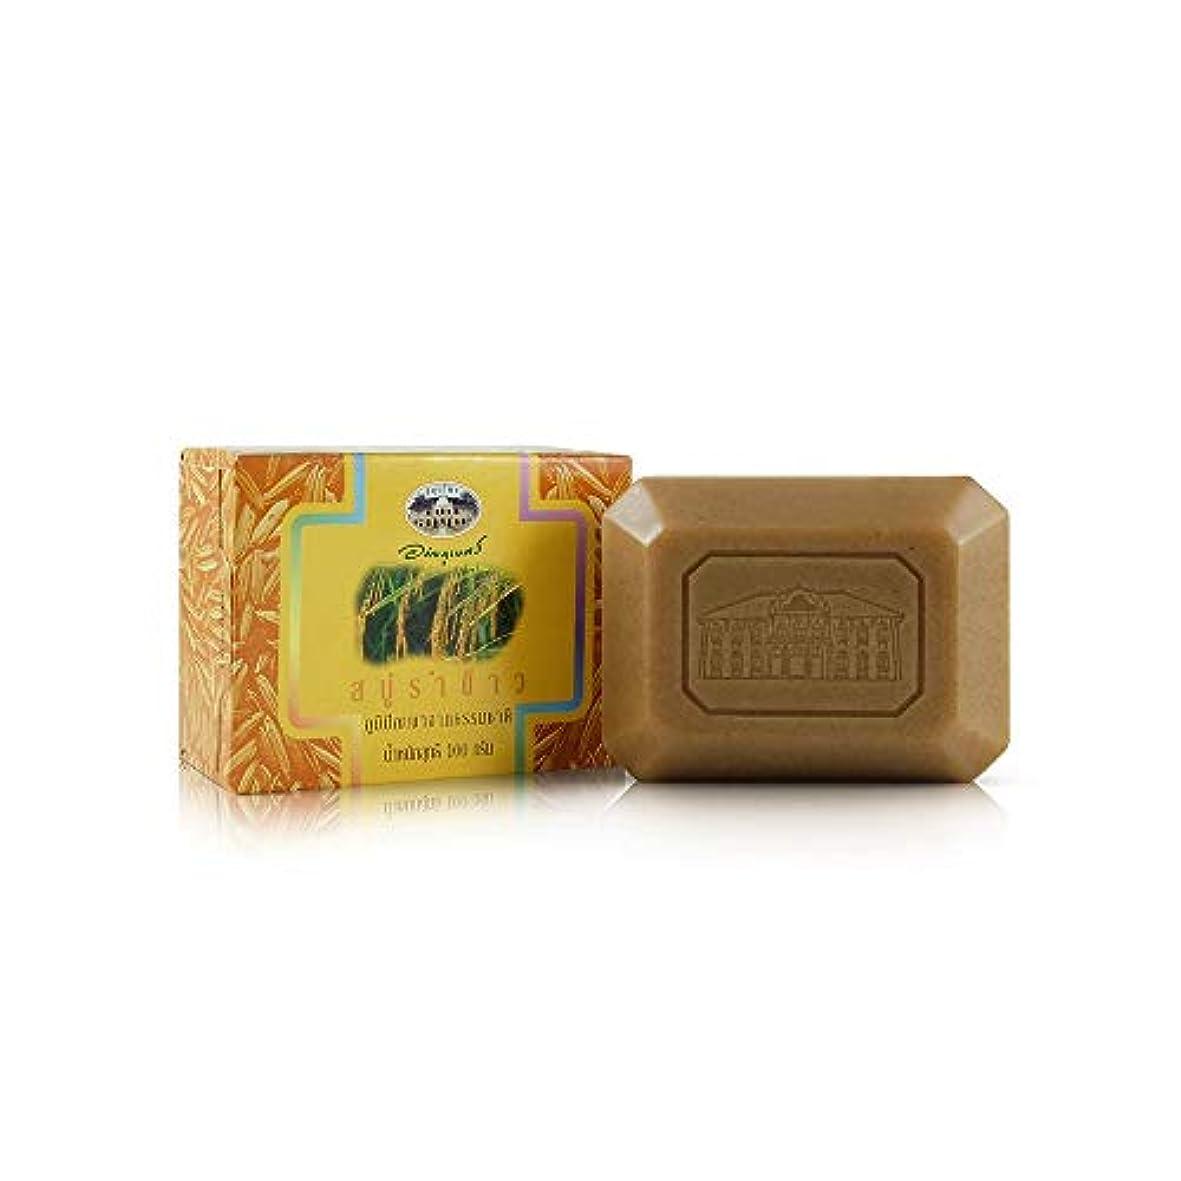 候補者独立きしむAbhaibhubejhr Rice Bran Herbal Body Cleansing Soap 100g. Abhaibhubejhrライスブランハーブボディクレンジングソープ100グラム。